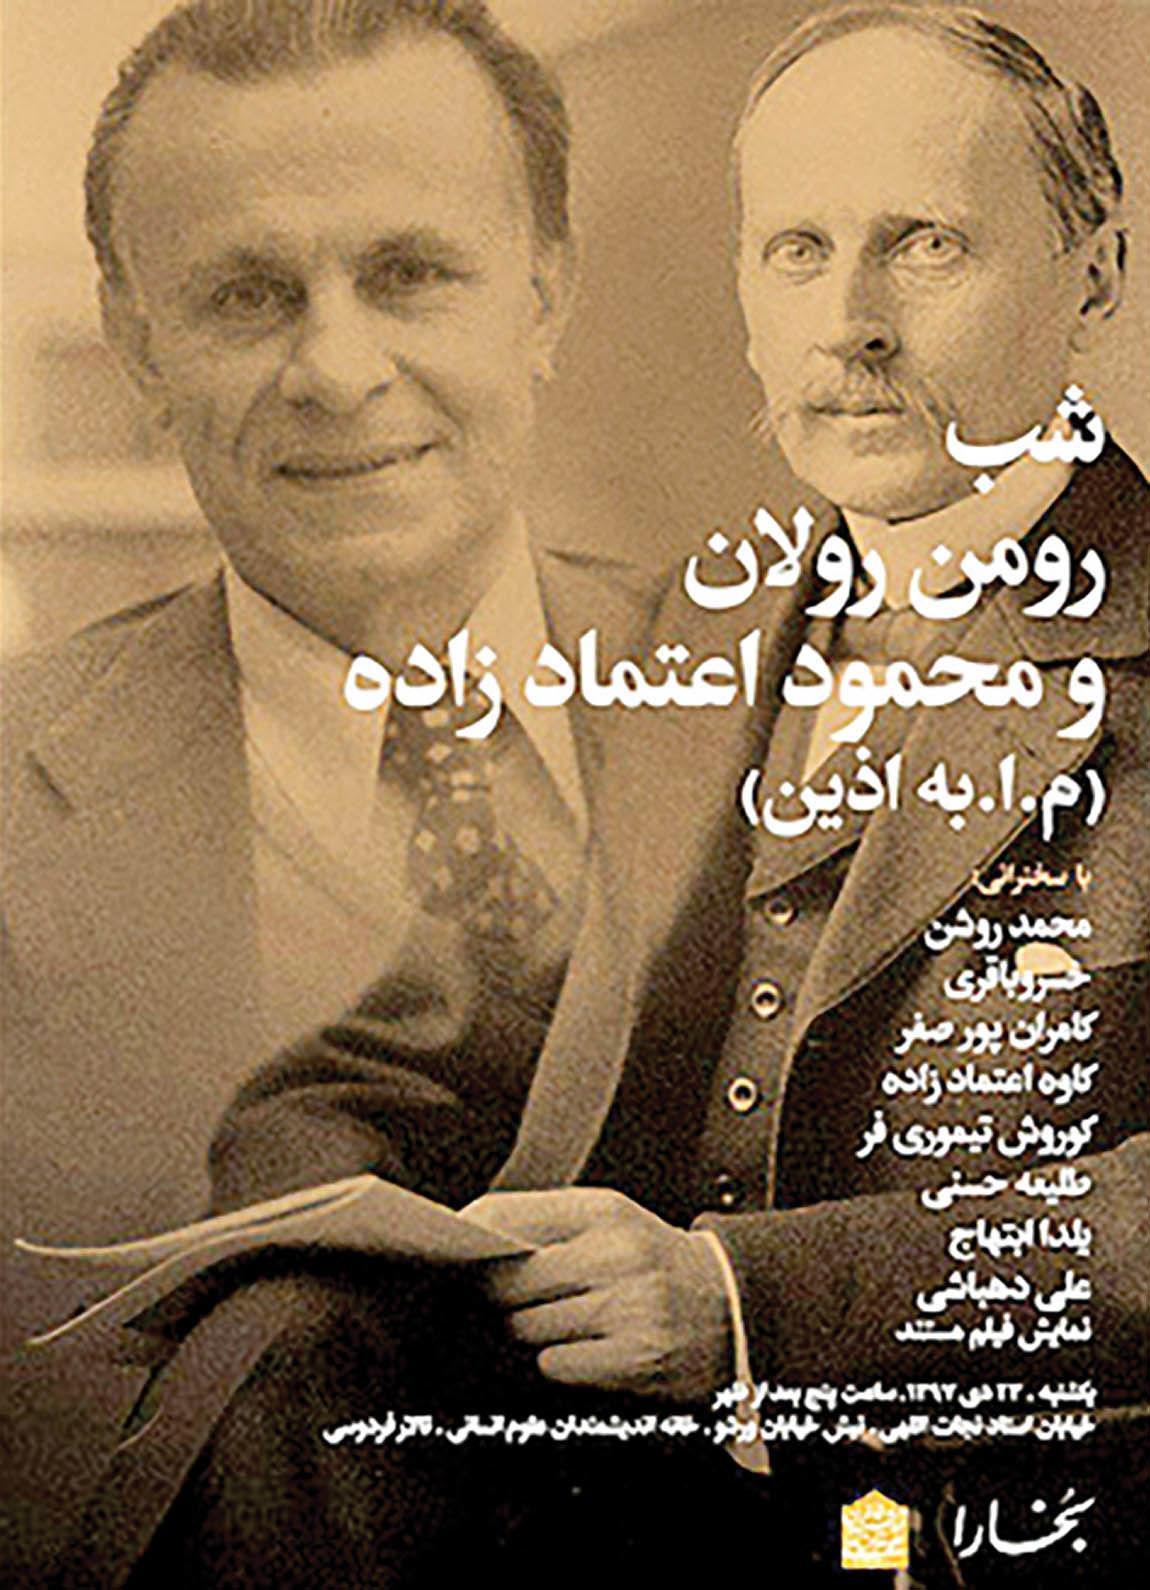 برپایی شب رومن رولان و محمود اعتمادزاده